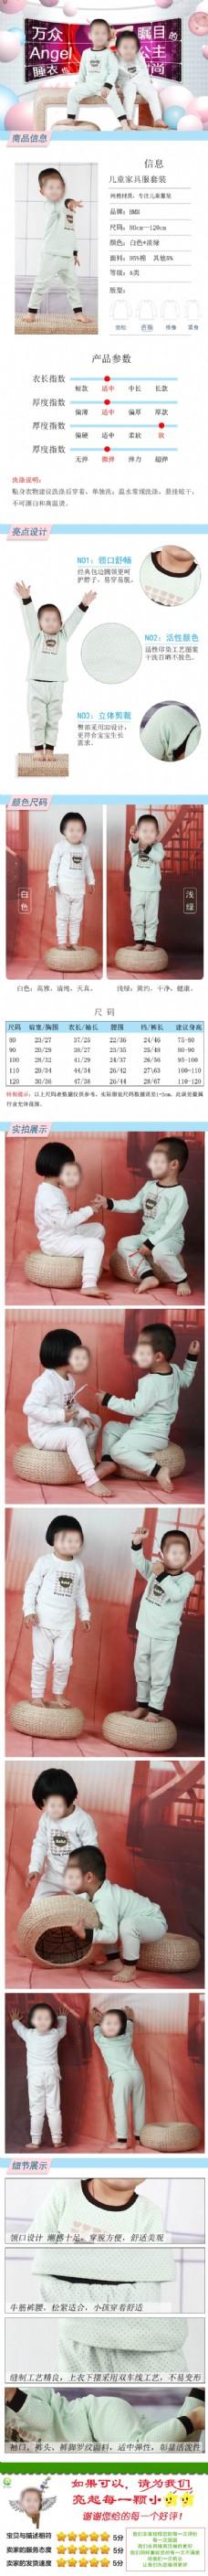 儿童家居服详情页